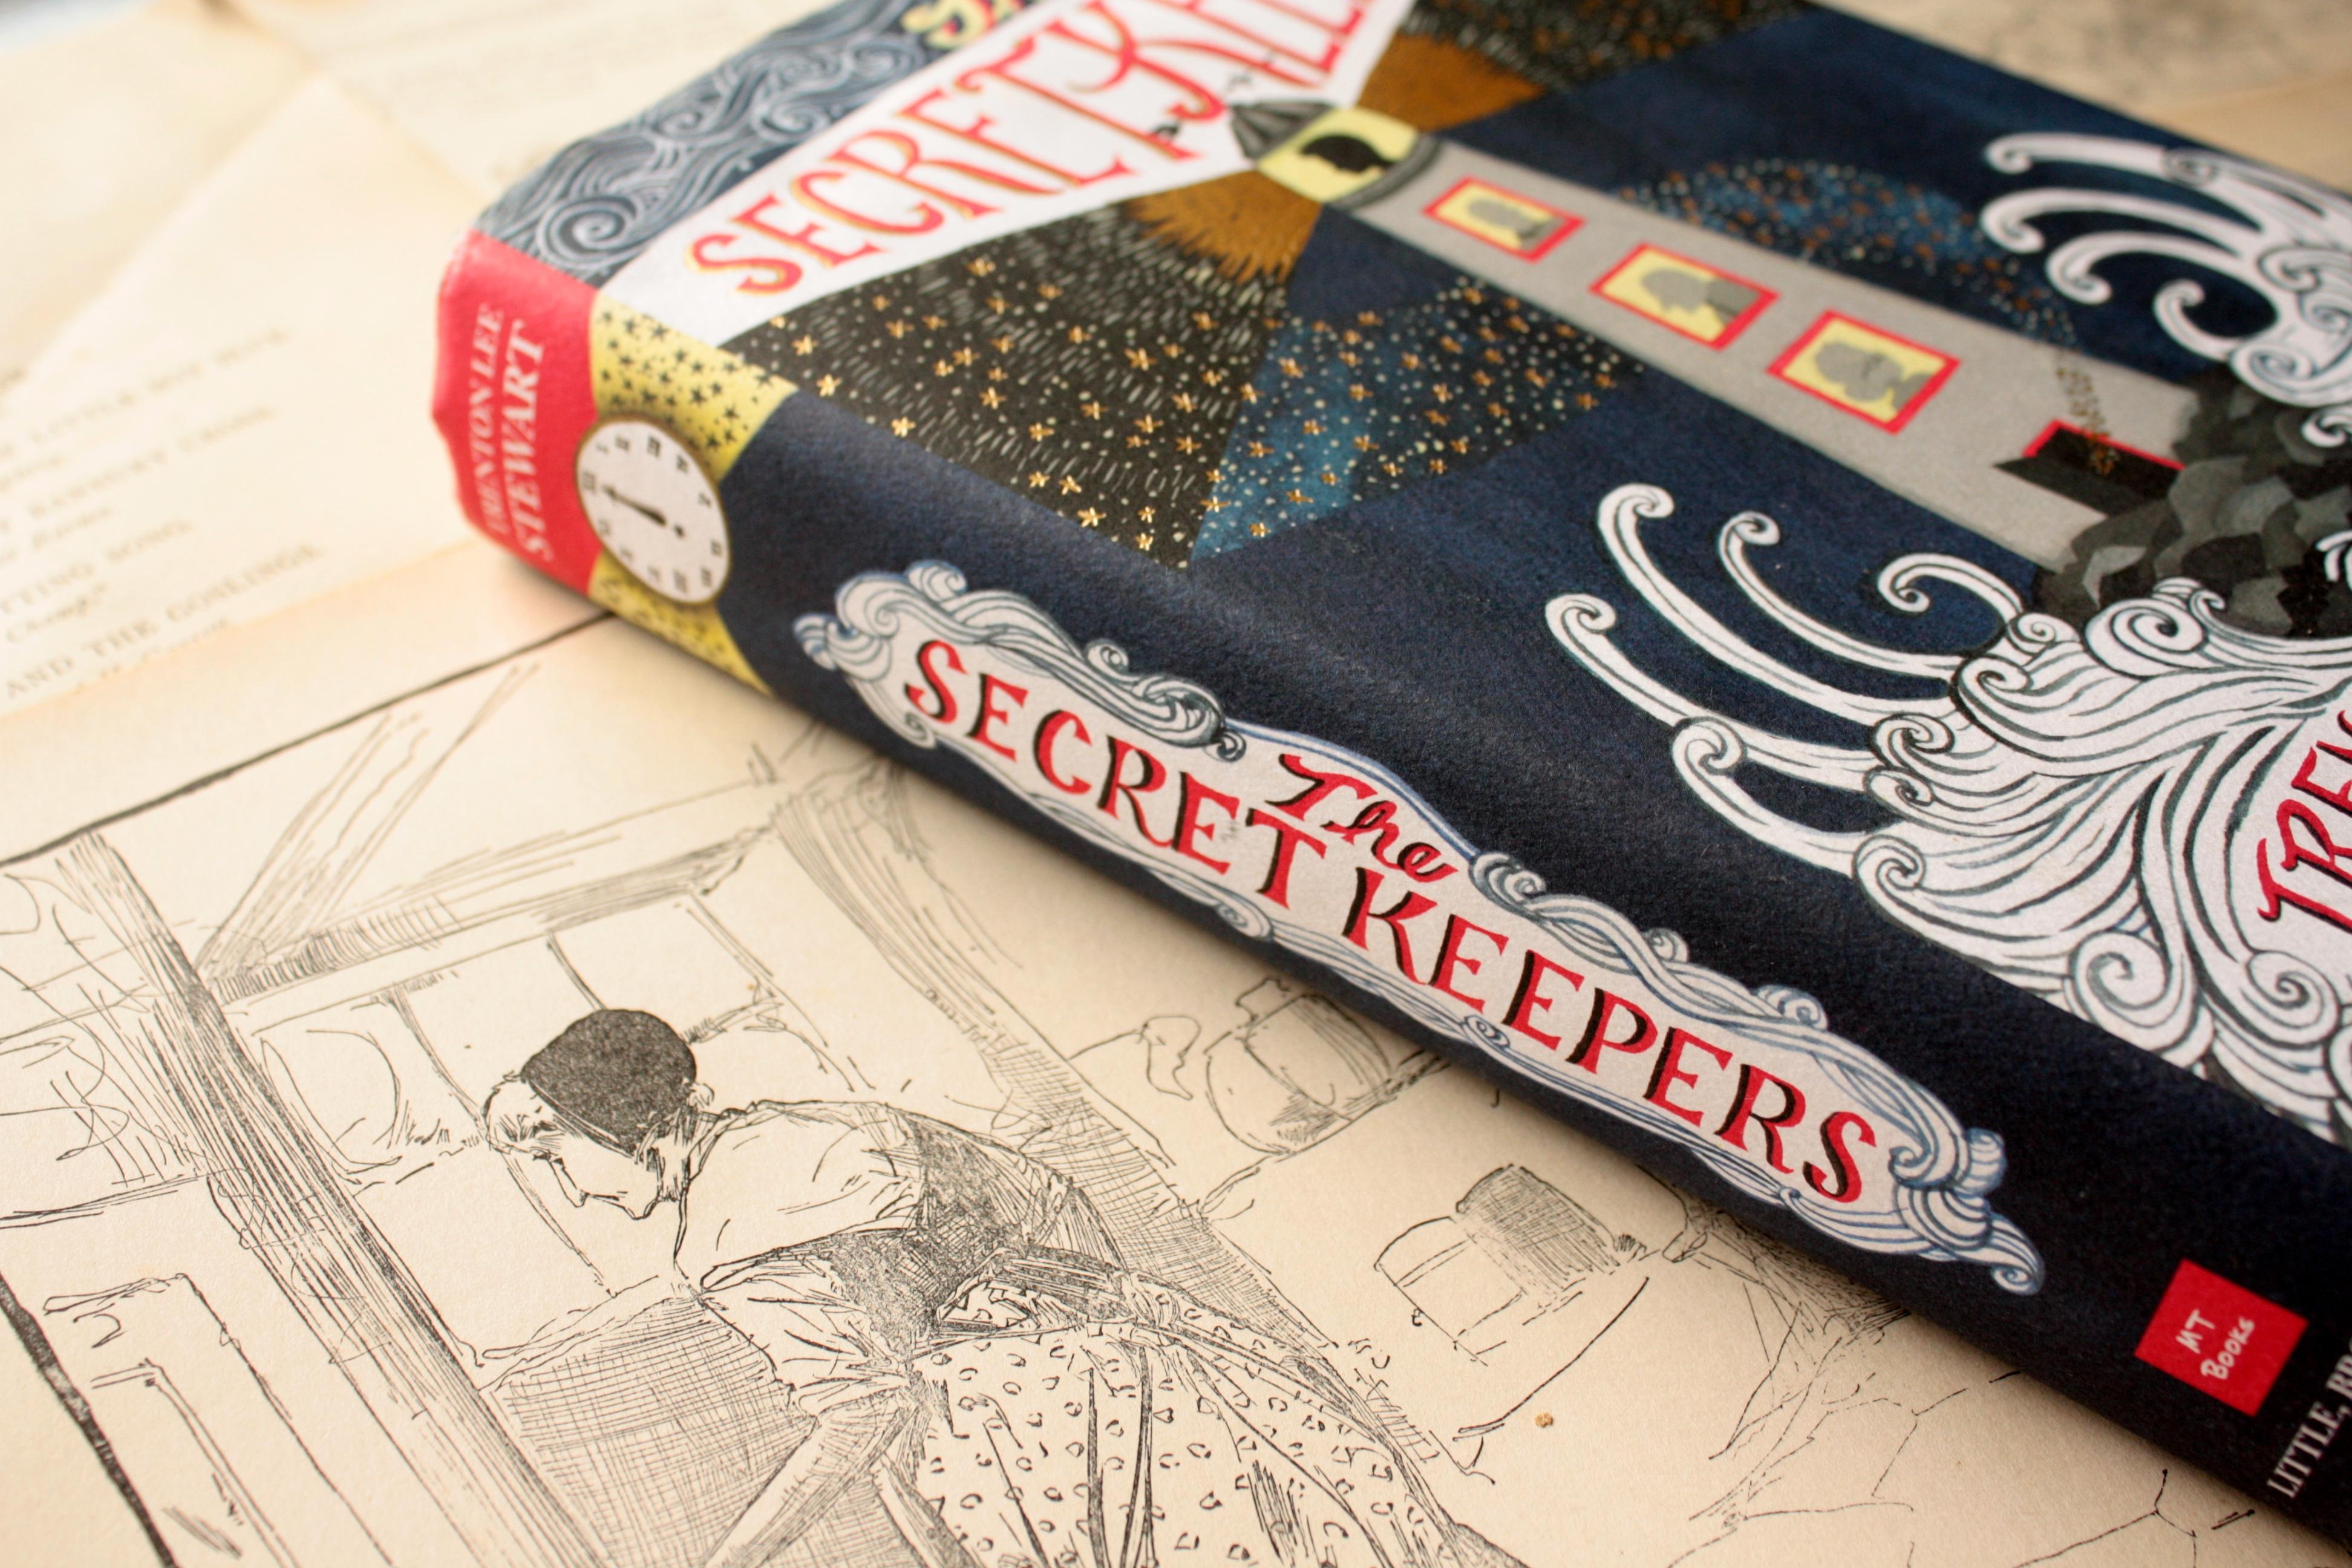 The Secret Keepers | Trenton Lee Stewart